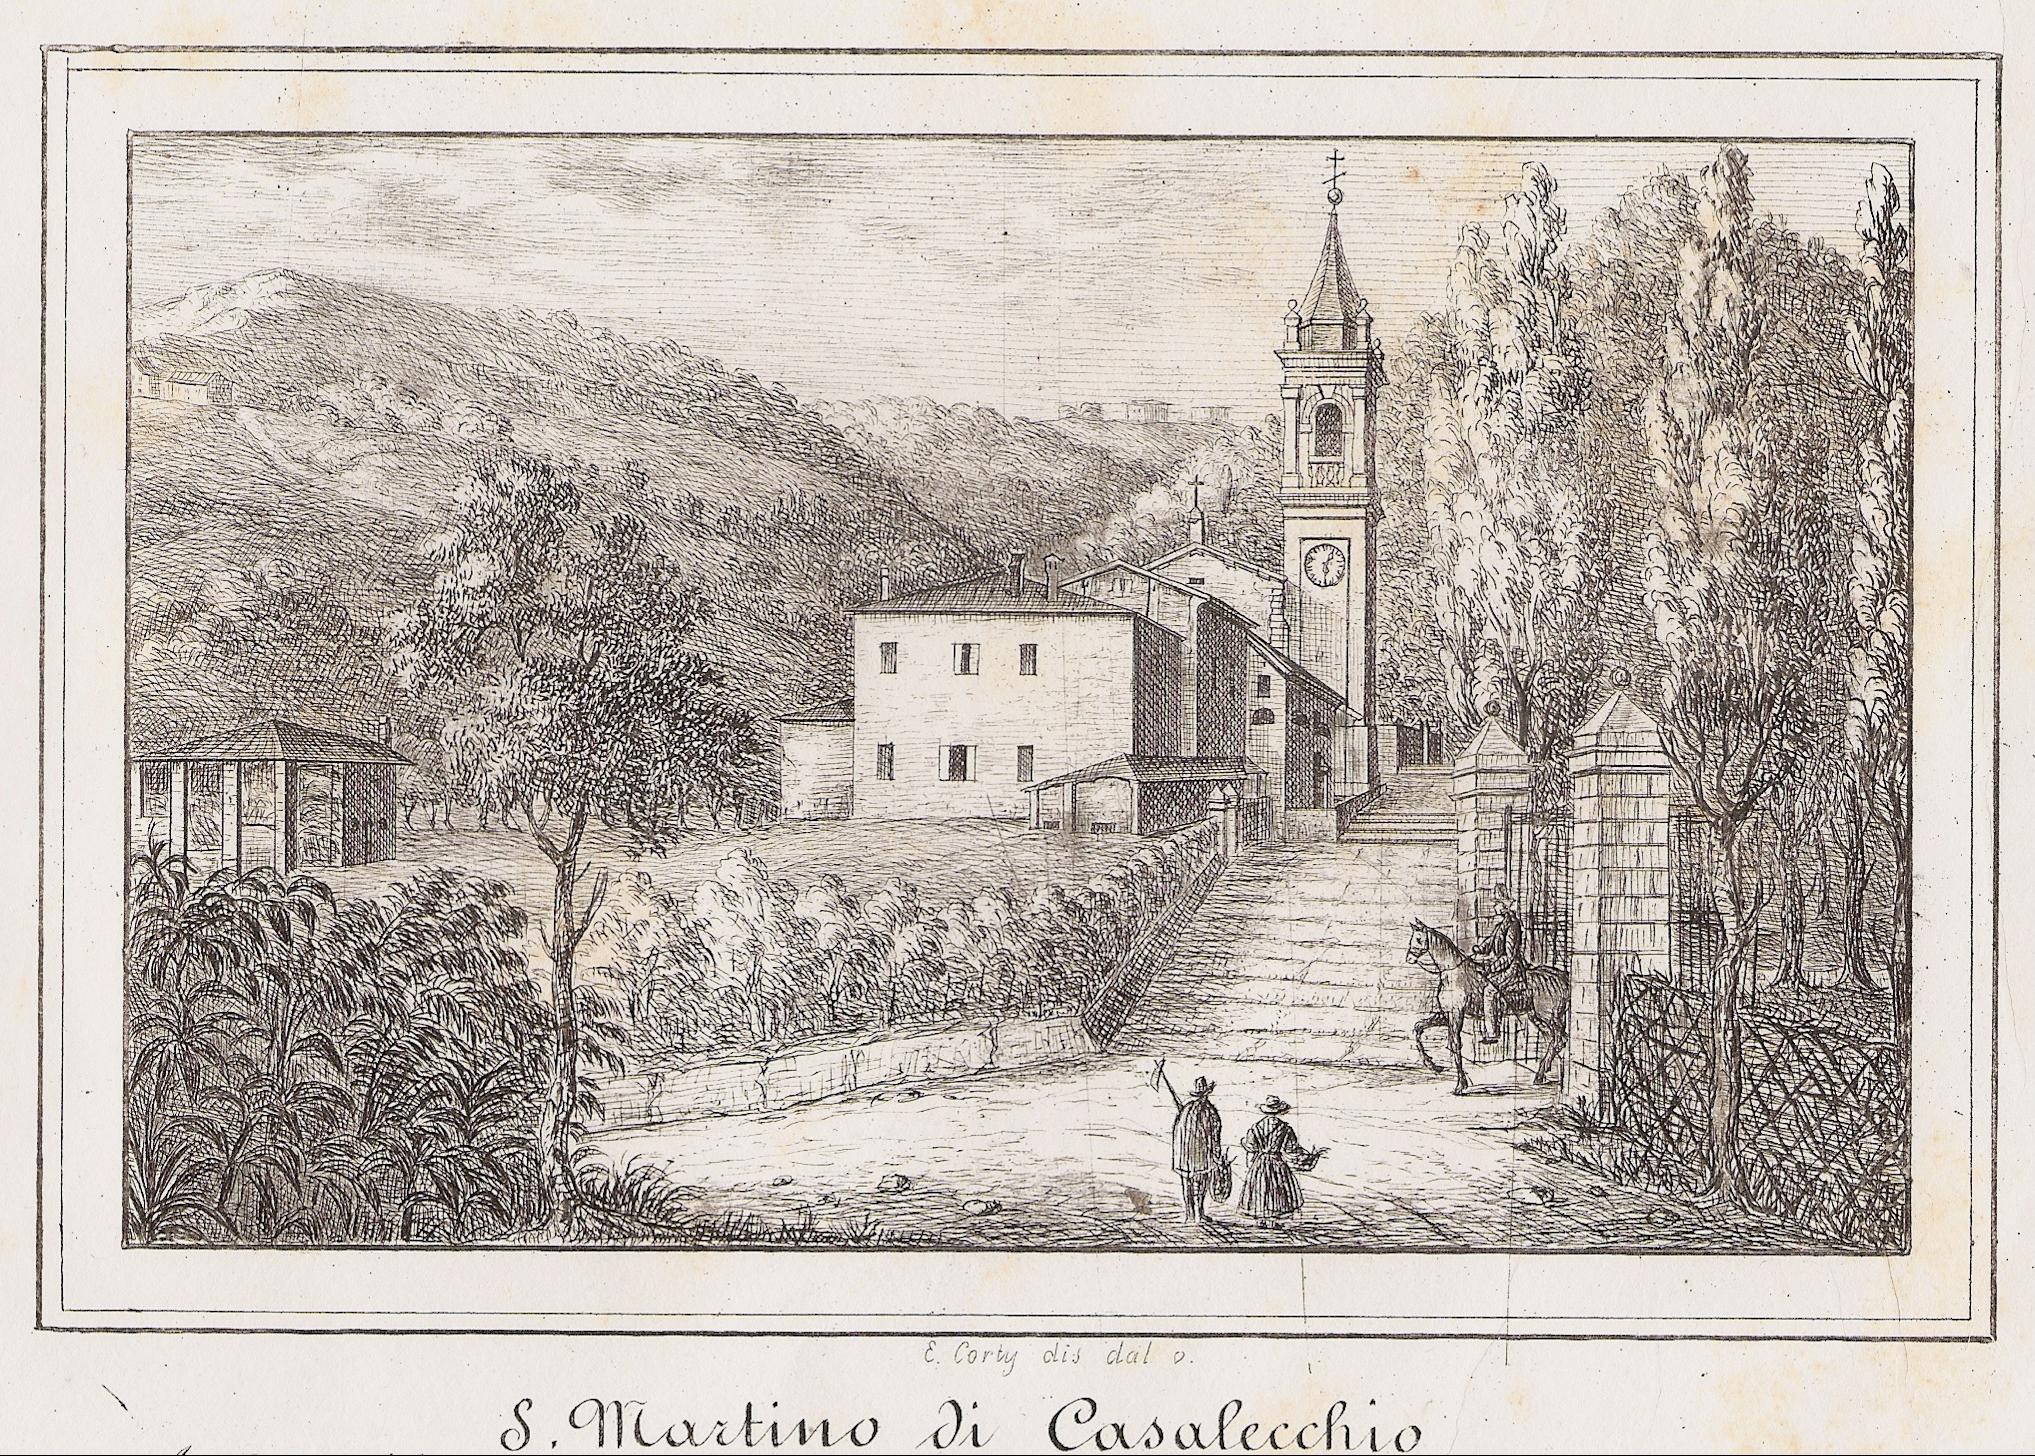 Chiesa di San Martino in una stampa del Corty degli anni '40 del XIX secolo